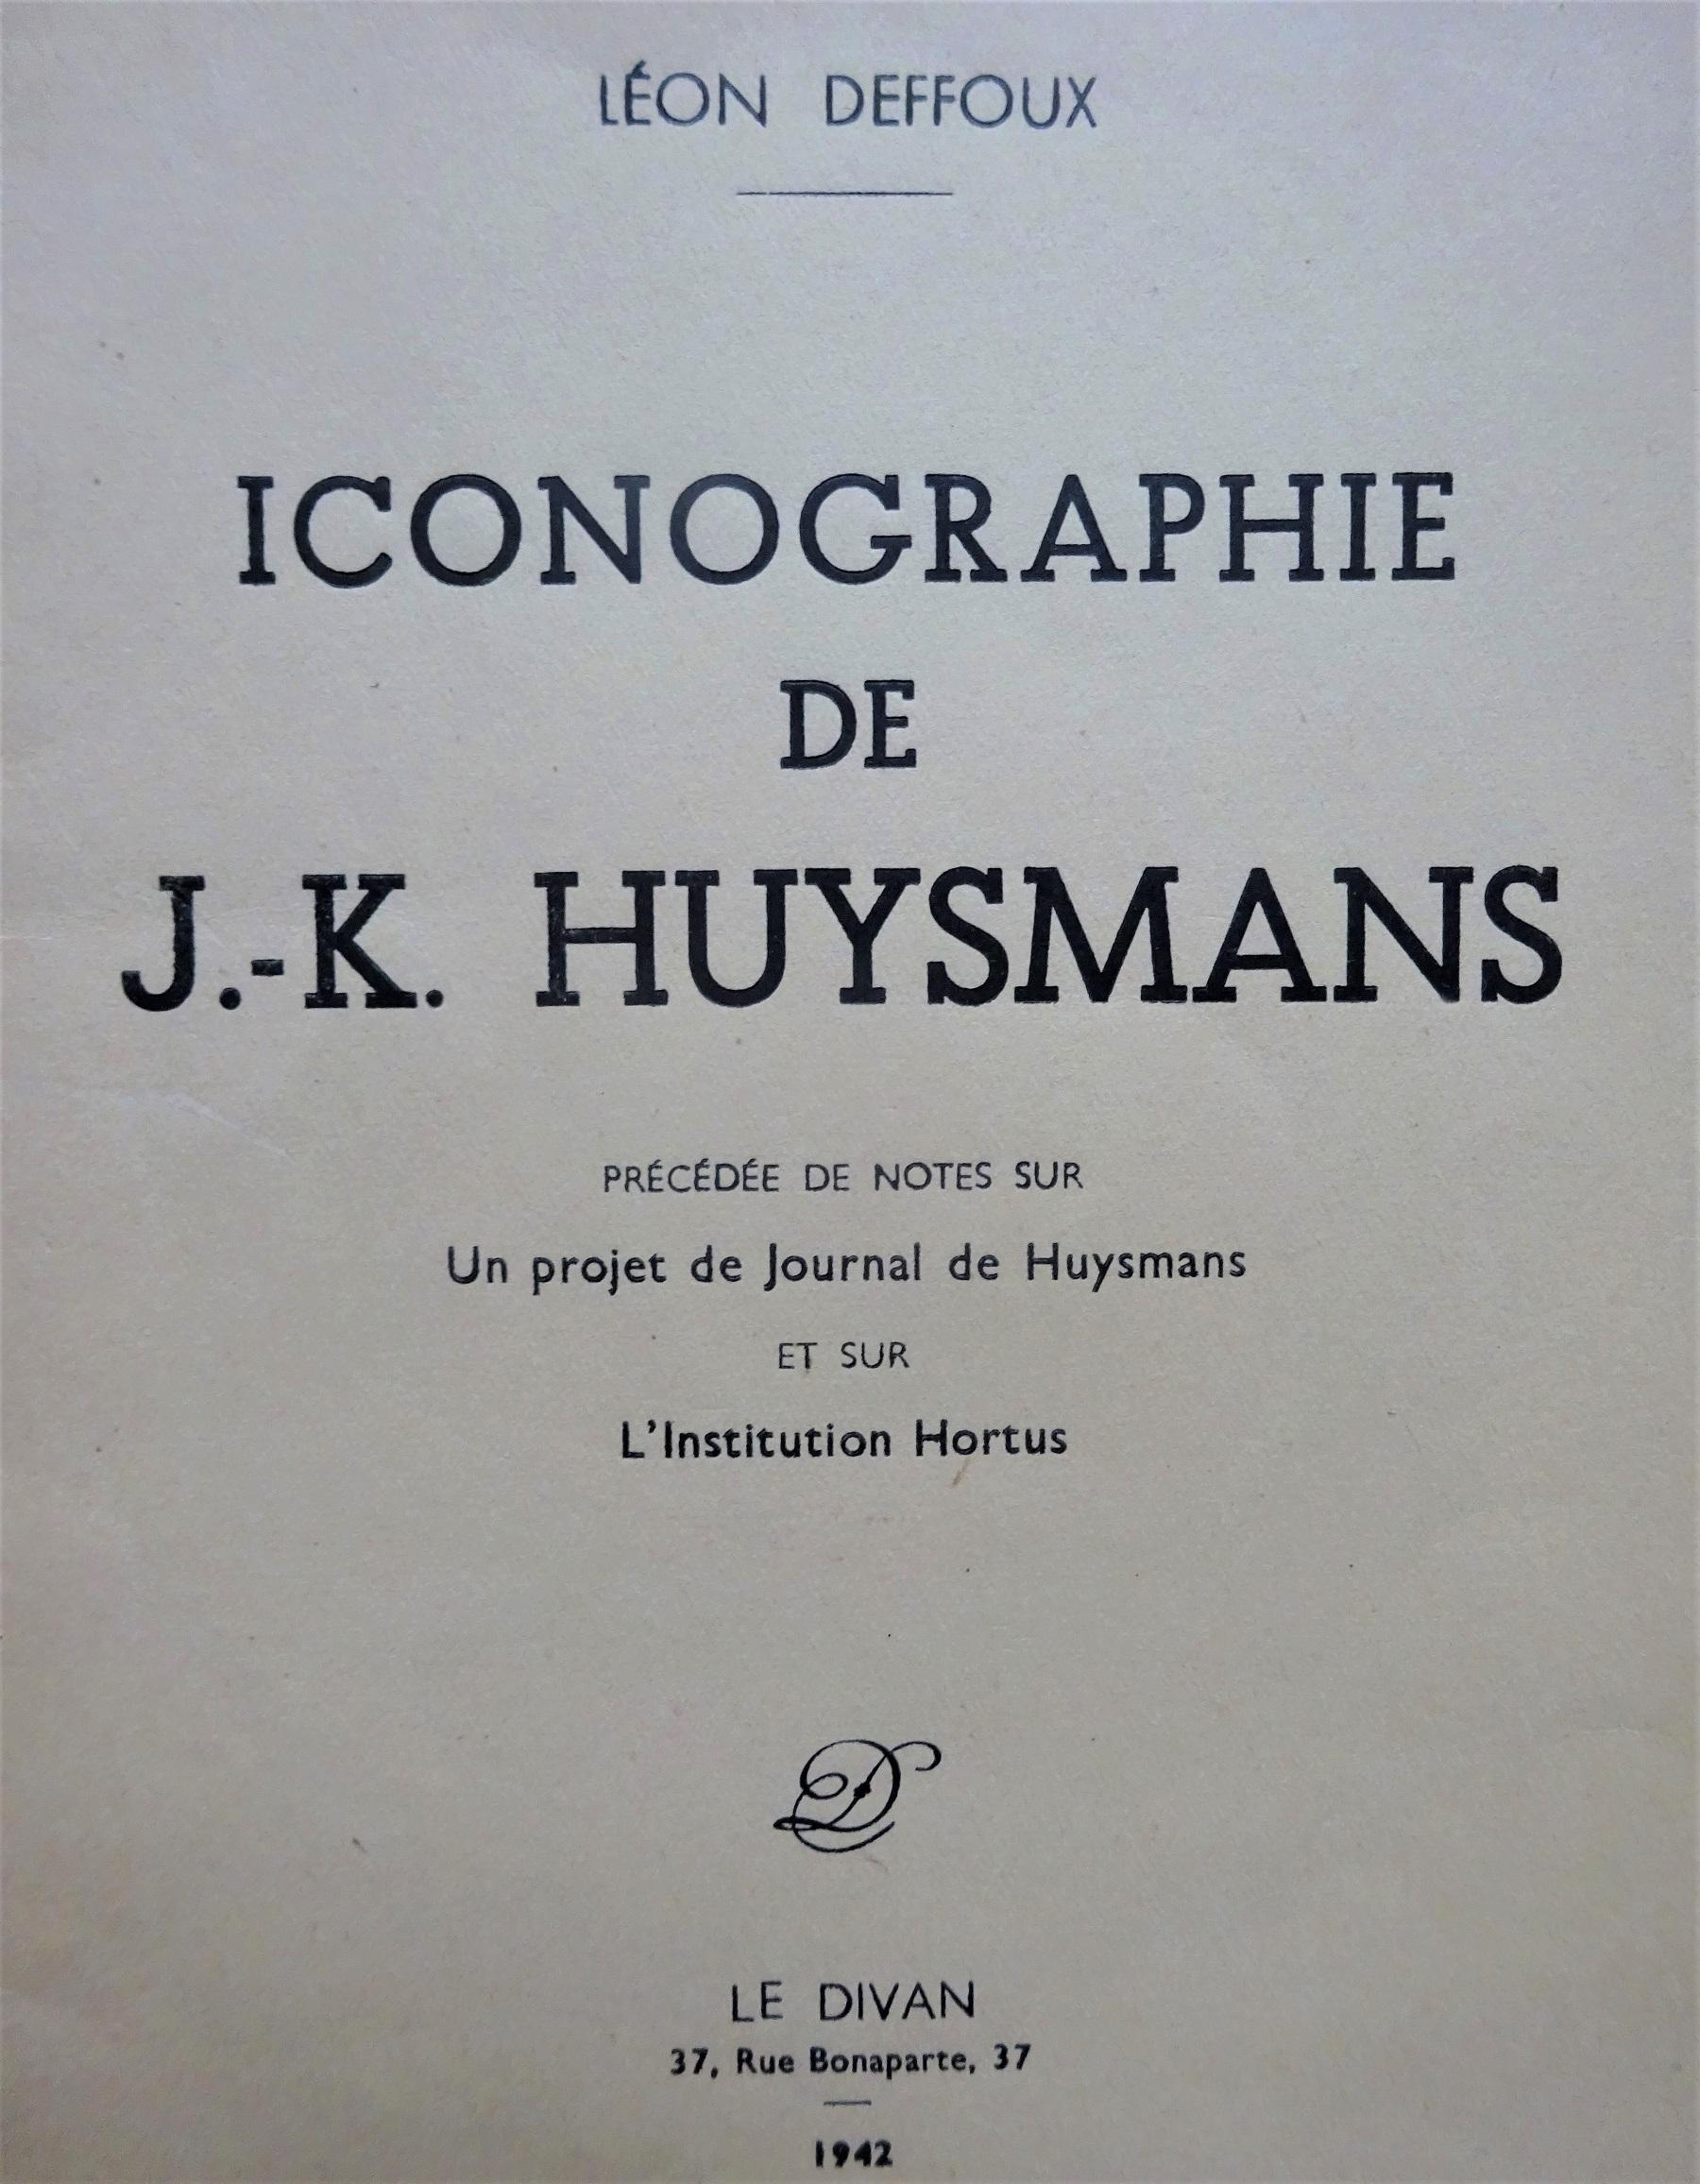 Iconographie de J.-K.Huysmans